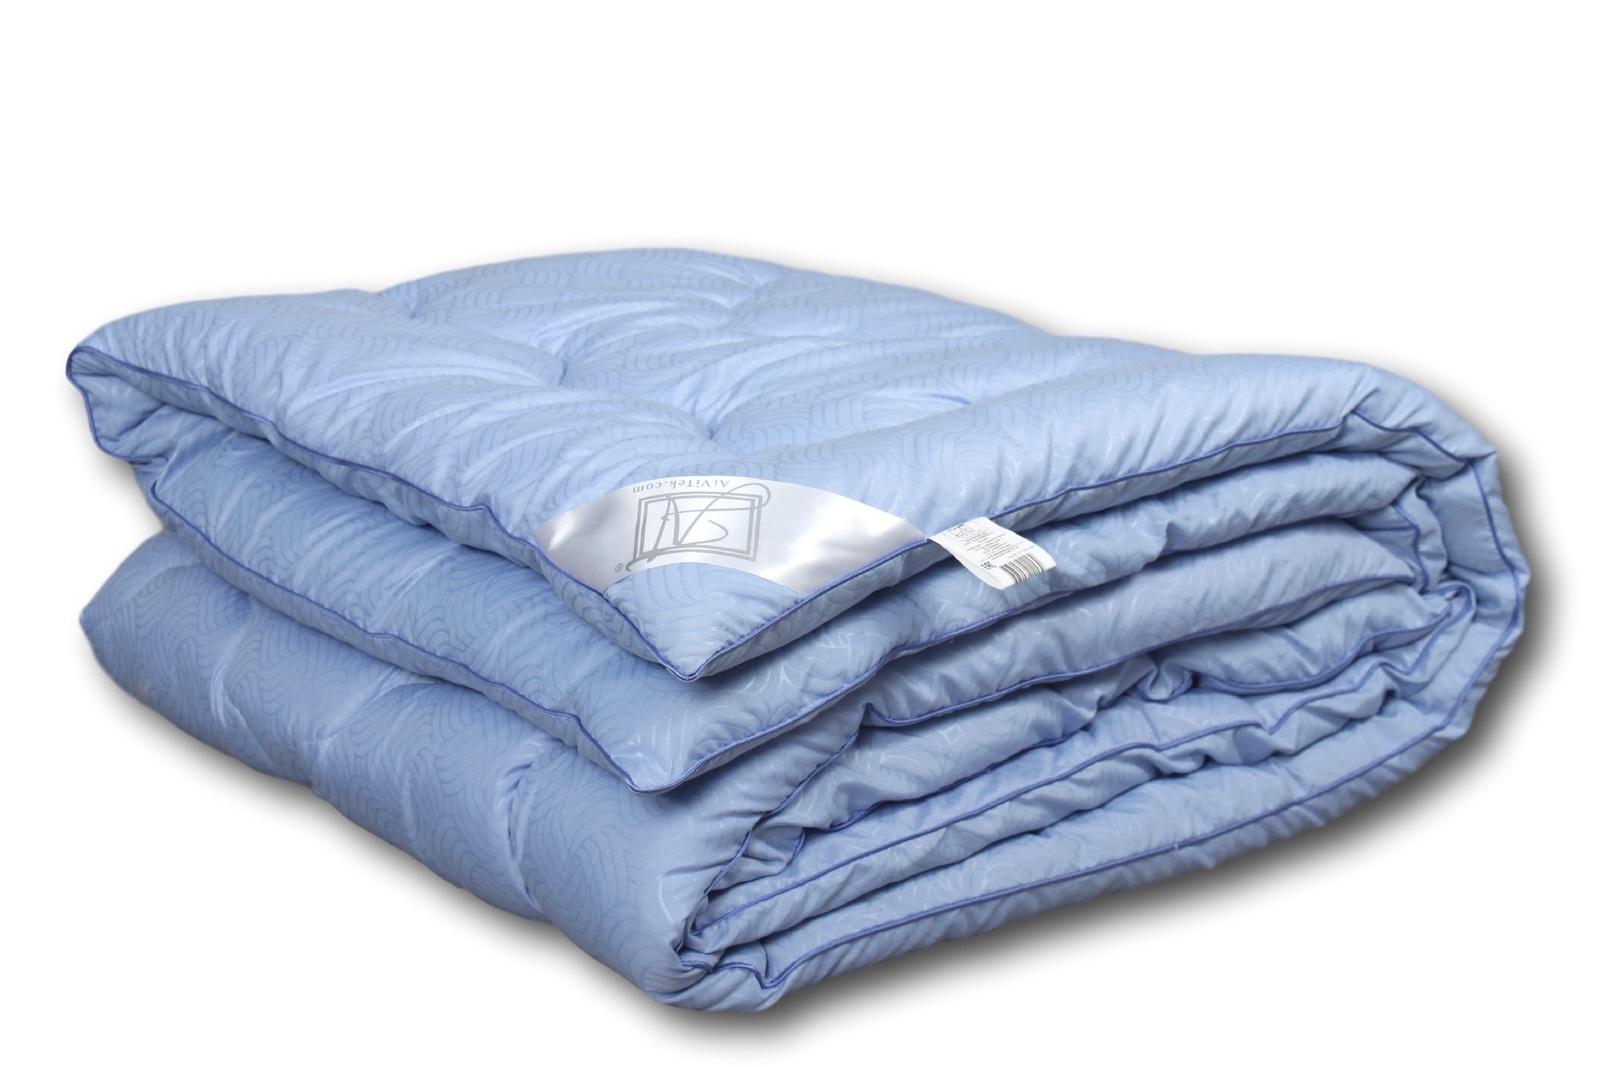 Одеяло Лаванда-Эко классическое-всесезонное; Альвитек, размер 2.0